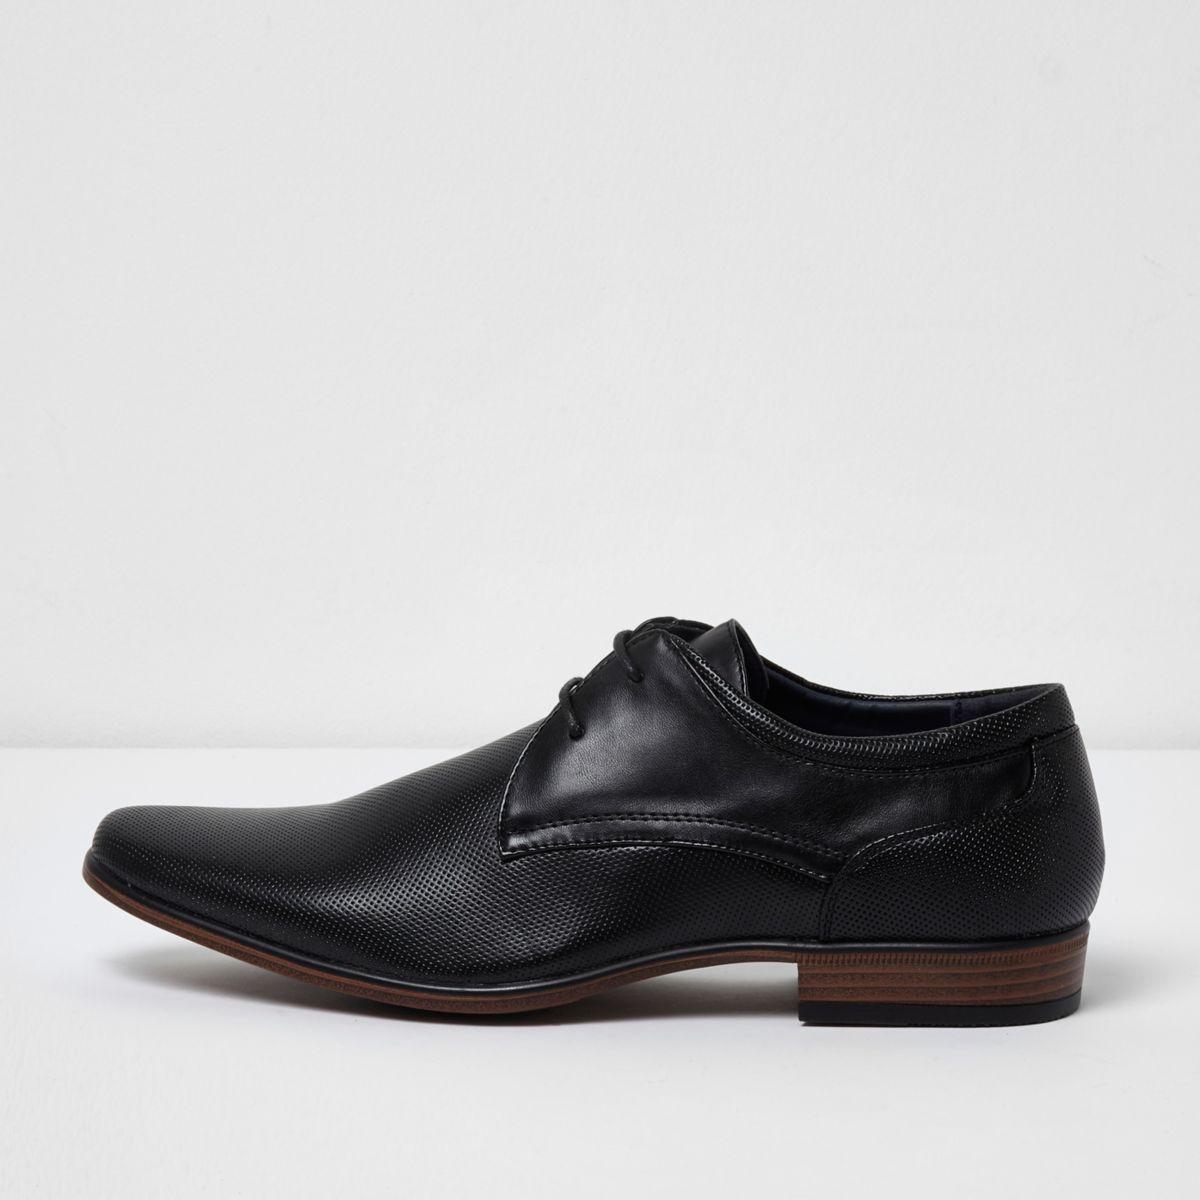 Chaussures habillées noires perforées